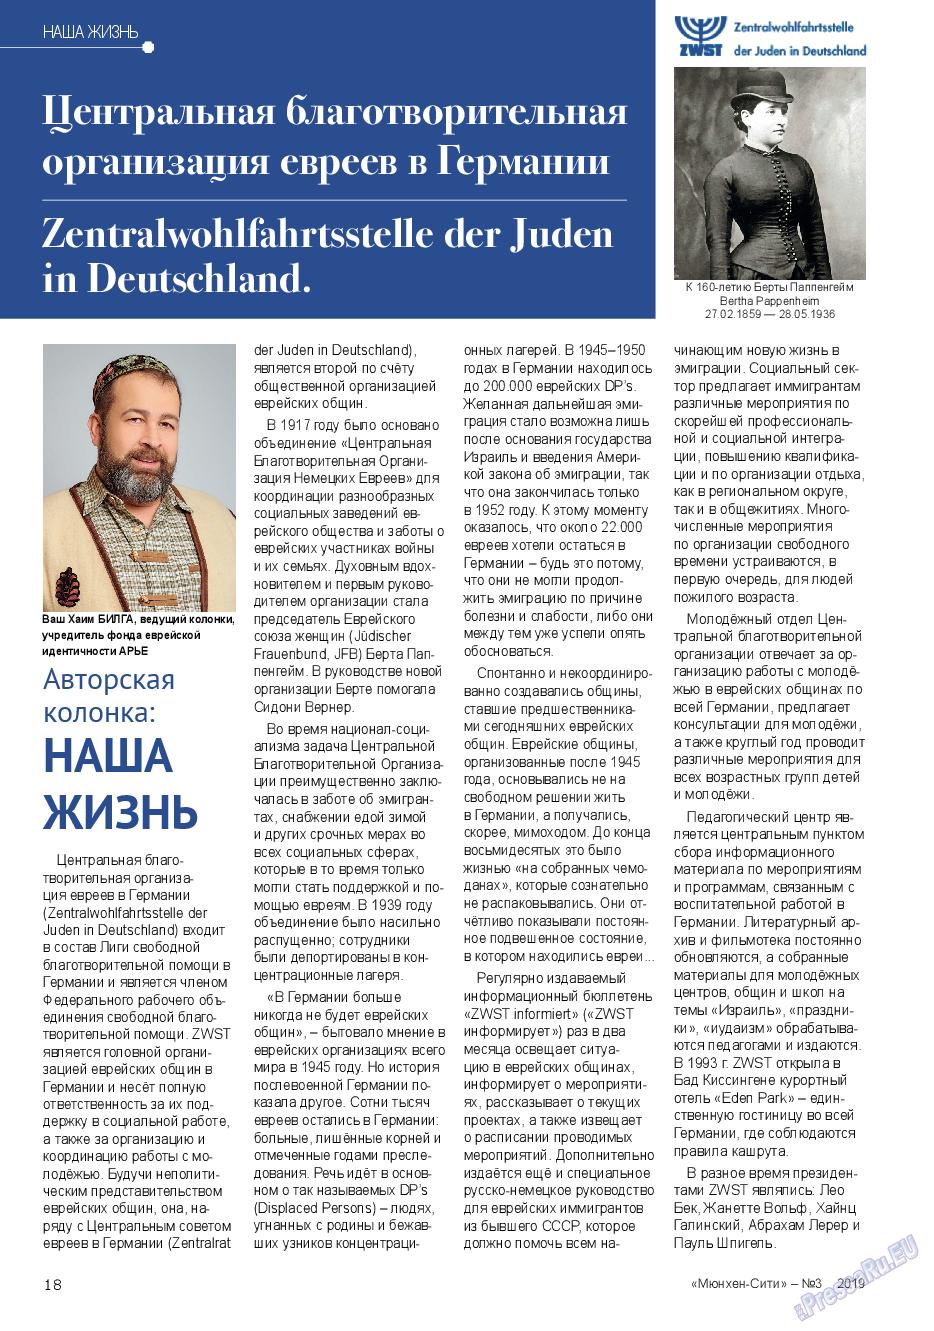 Мюнхен-сити (журнал). 2019 год, номер 91, стр. 18